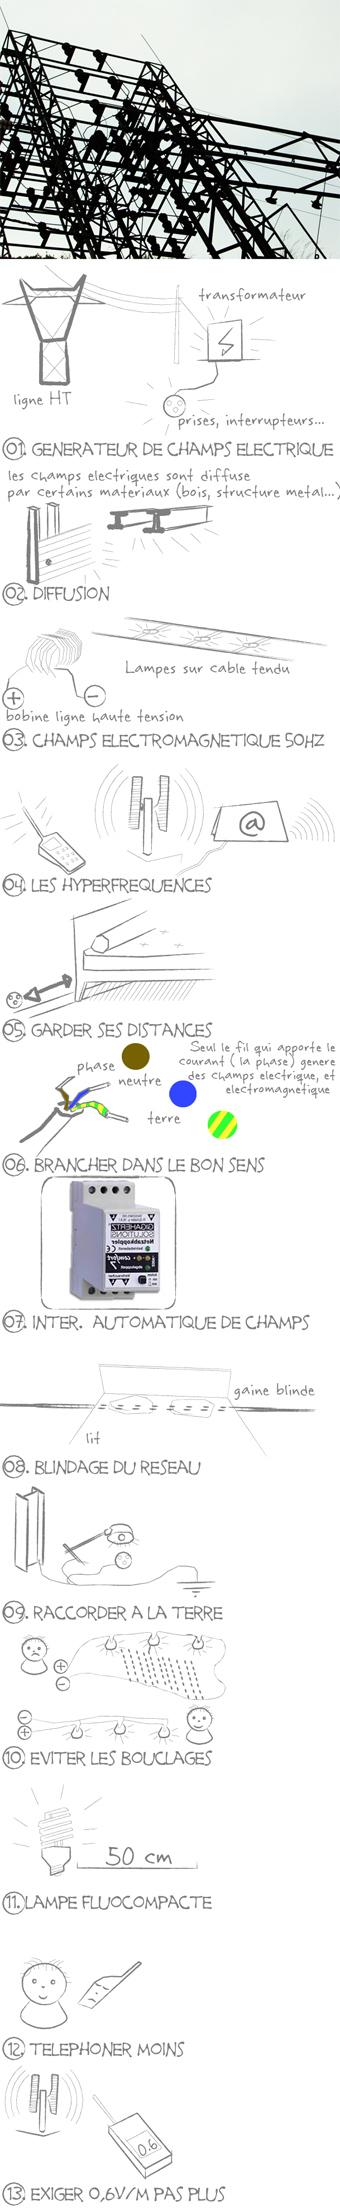 '''ecologs Les Champs Et Électromagnétiques Réduire Électriques gIYbv7mf6y